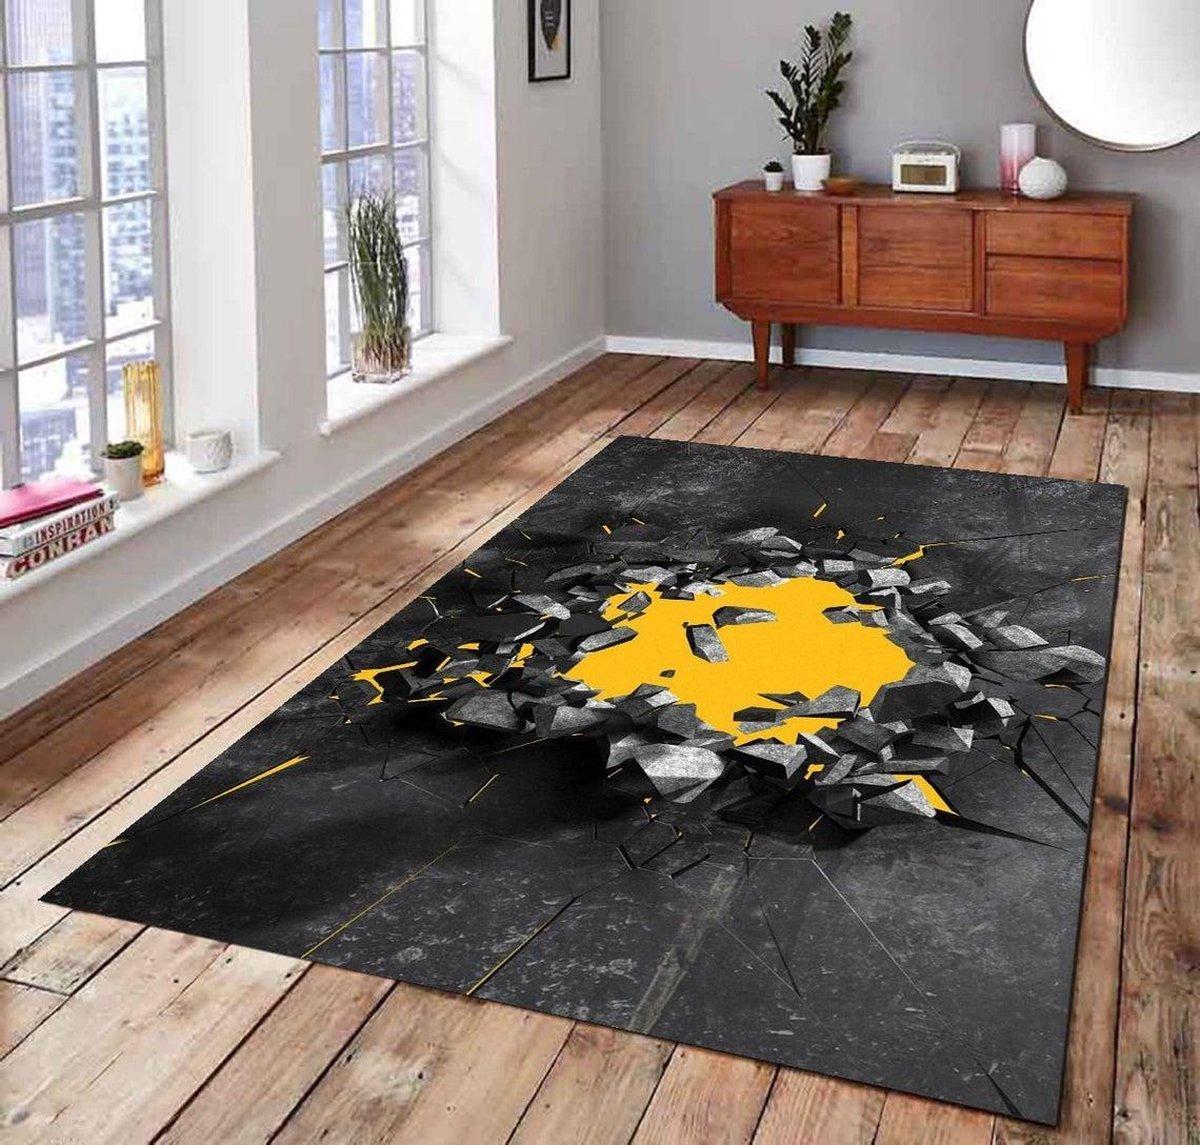 Herms-3D Crack 5 Patterned Rugs-Vloerkleed-Antislip-160x230 cm